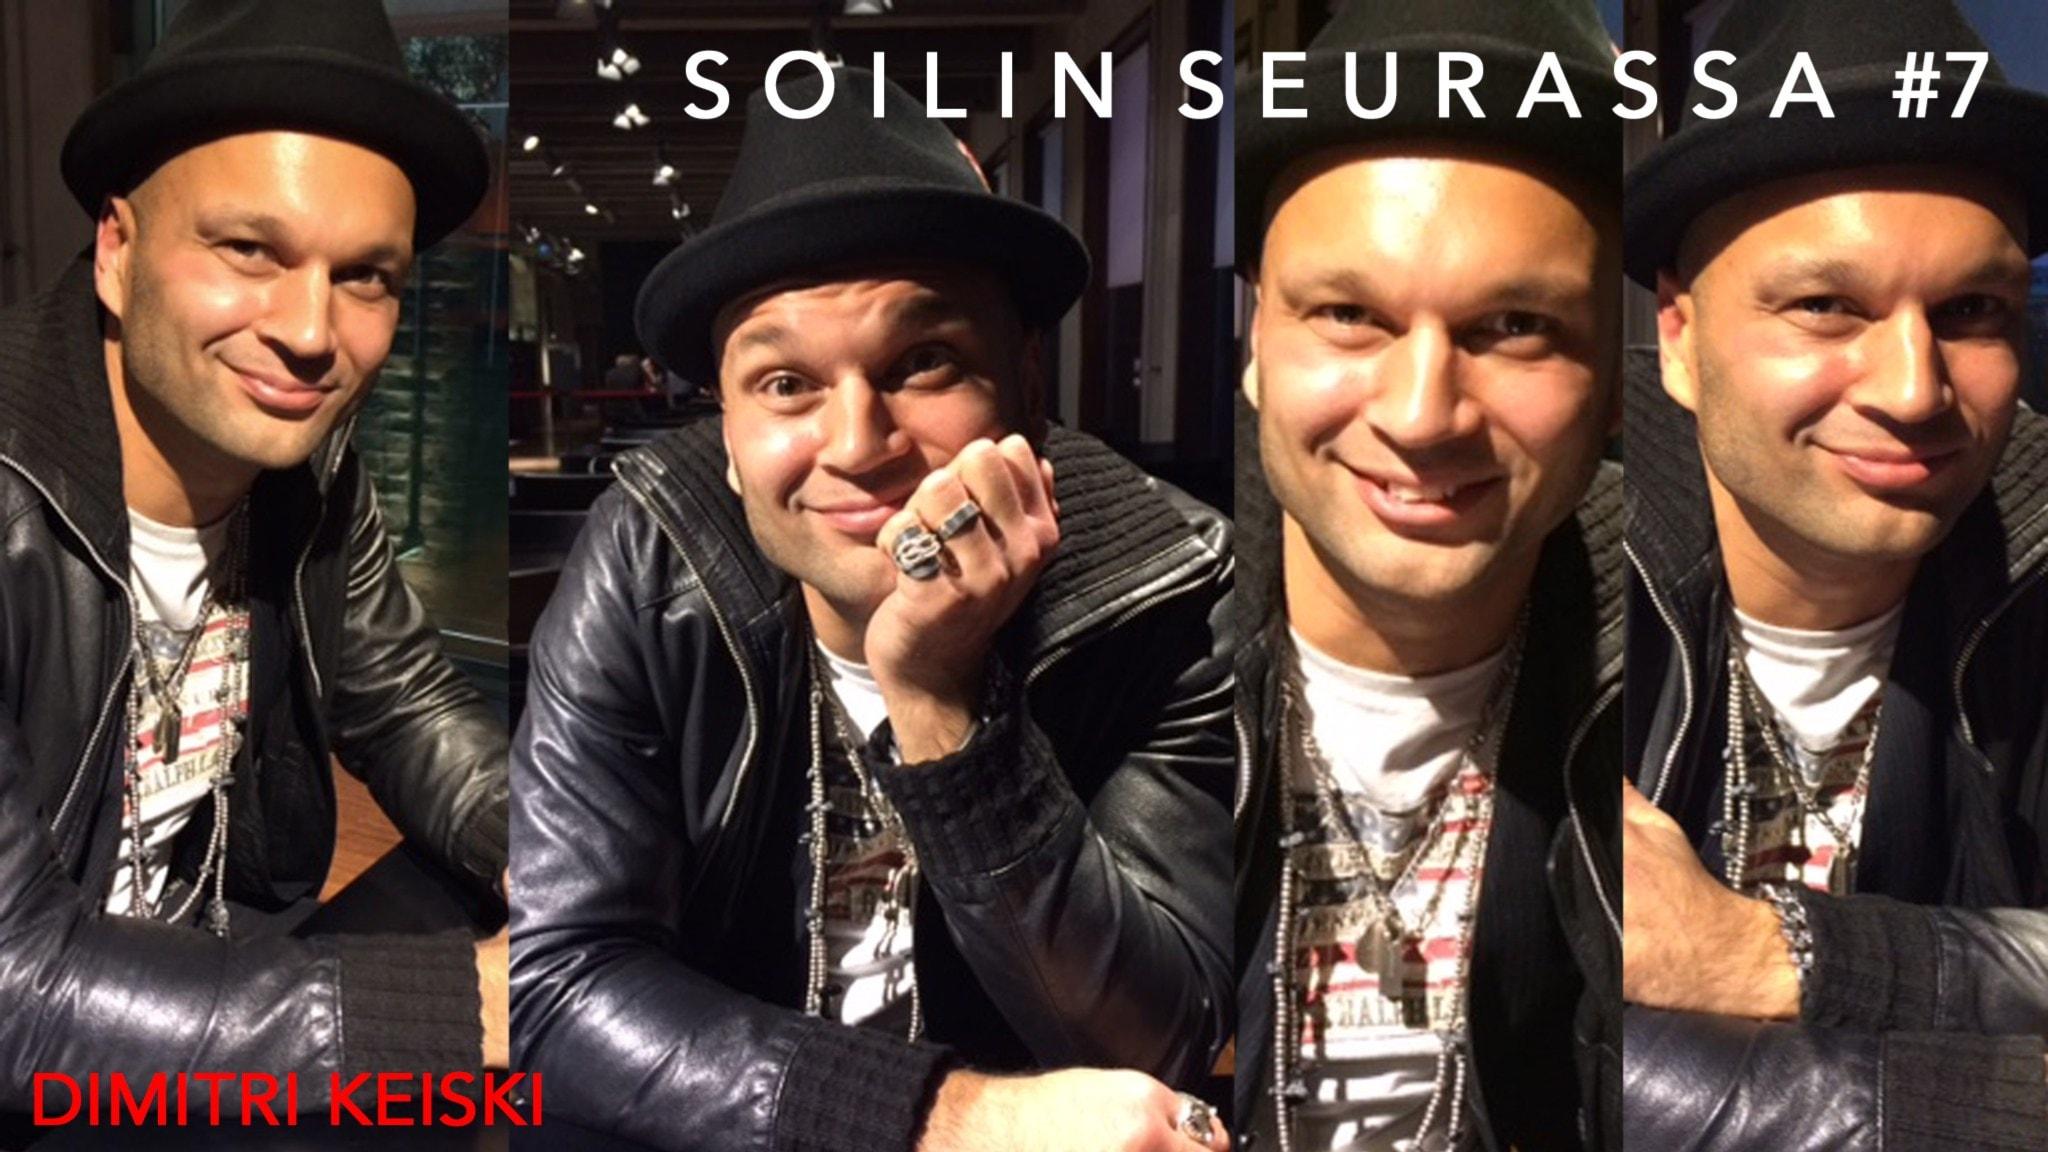 Soilin seurassa Dimitri Keiski - Märstasta kotoisin oleva rockmuusikko ja laulaja, joka valloittaa Suomea suurissa musikaalirooleissa